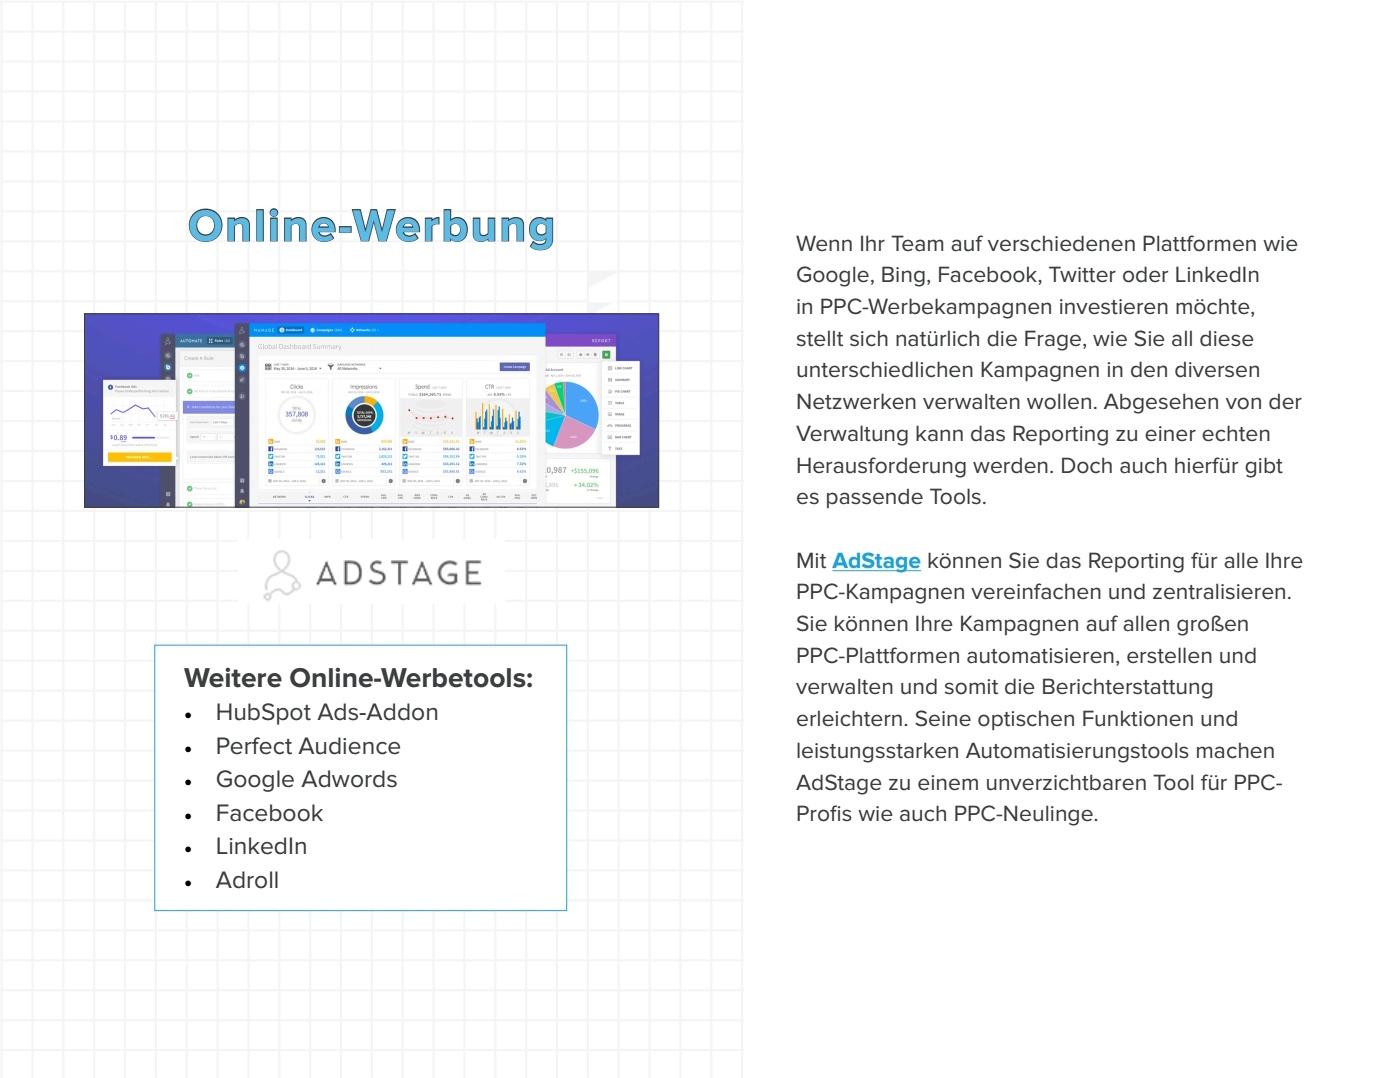 Gemütlich Marketing Kampagne Vorschlag Vorlage Galerie - Entry Level ...